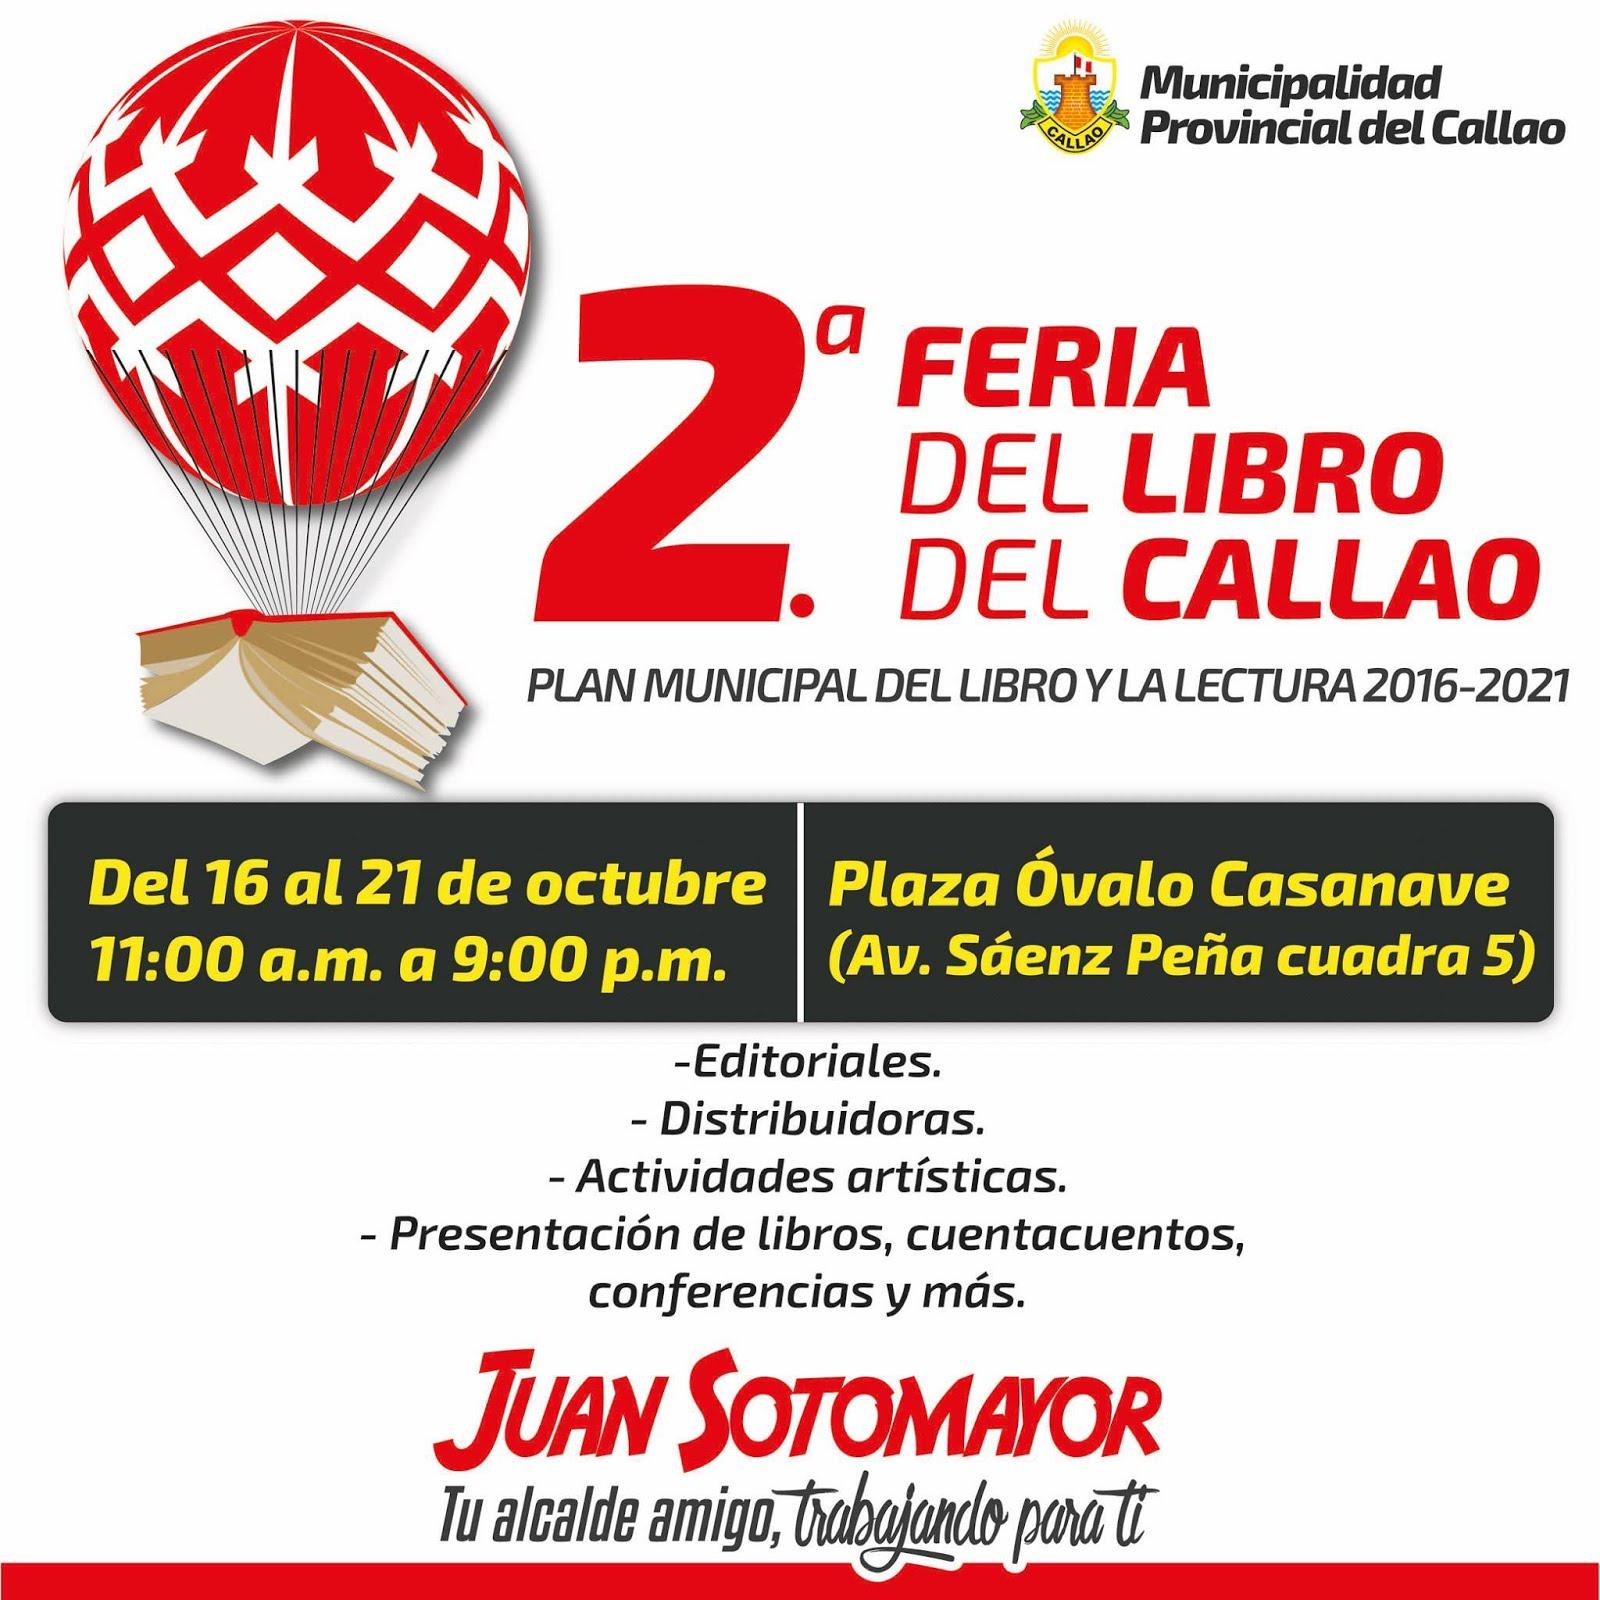 En 2da Feria del Libro del Callao (16 al 21 de octubre 2017)